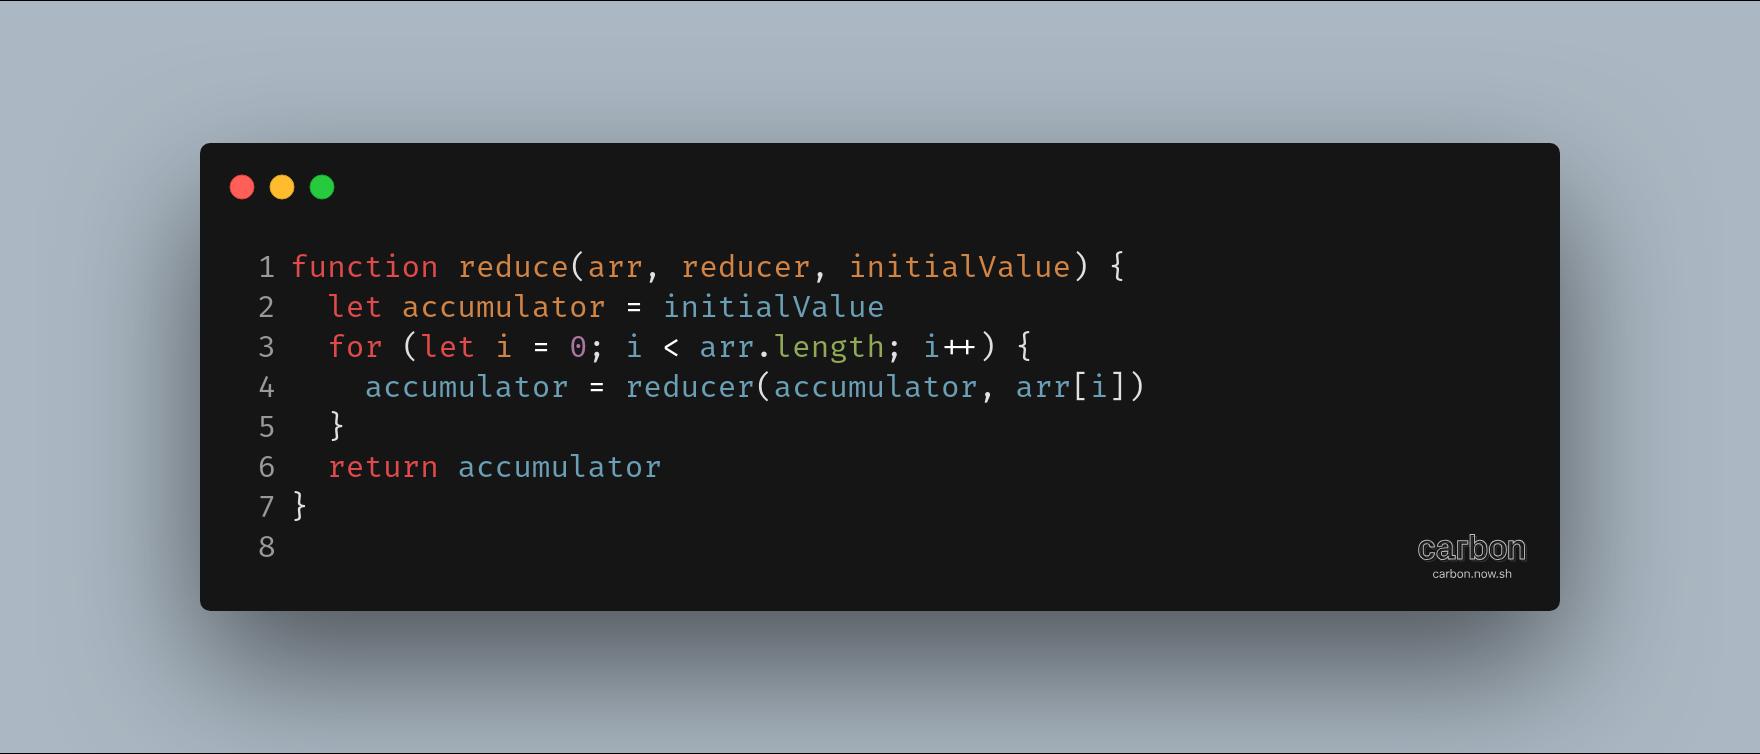 پیاده سازی reduce با جاوااسکریپت خالی خالی :)